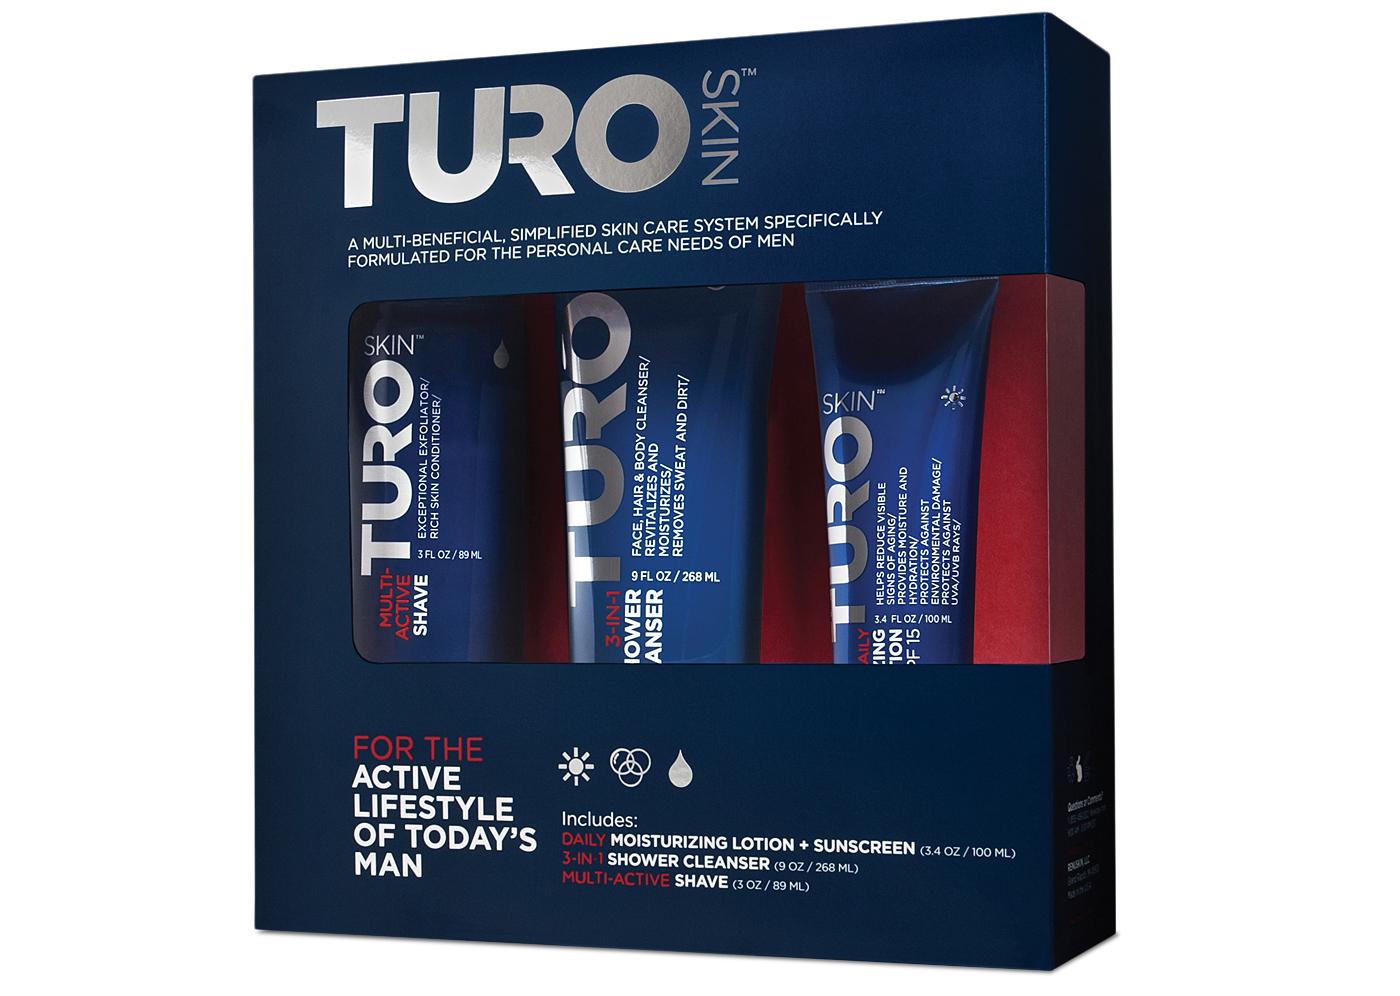 Turo_Skincare_Kit_03